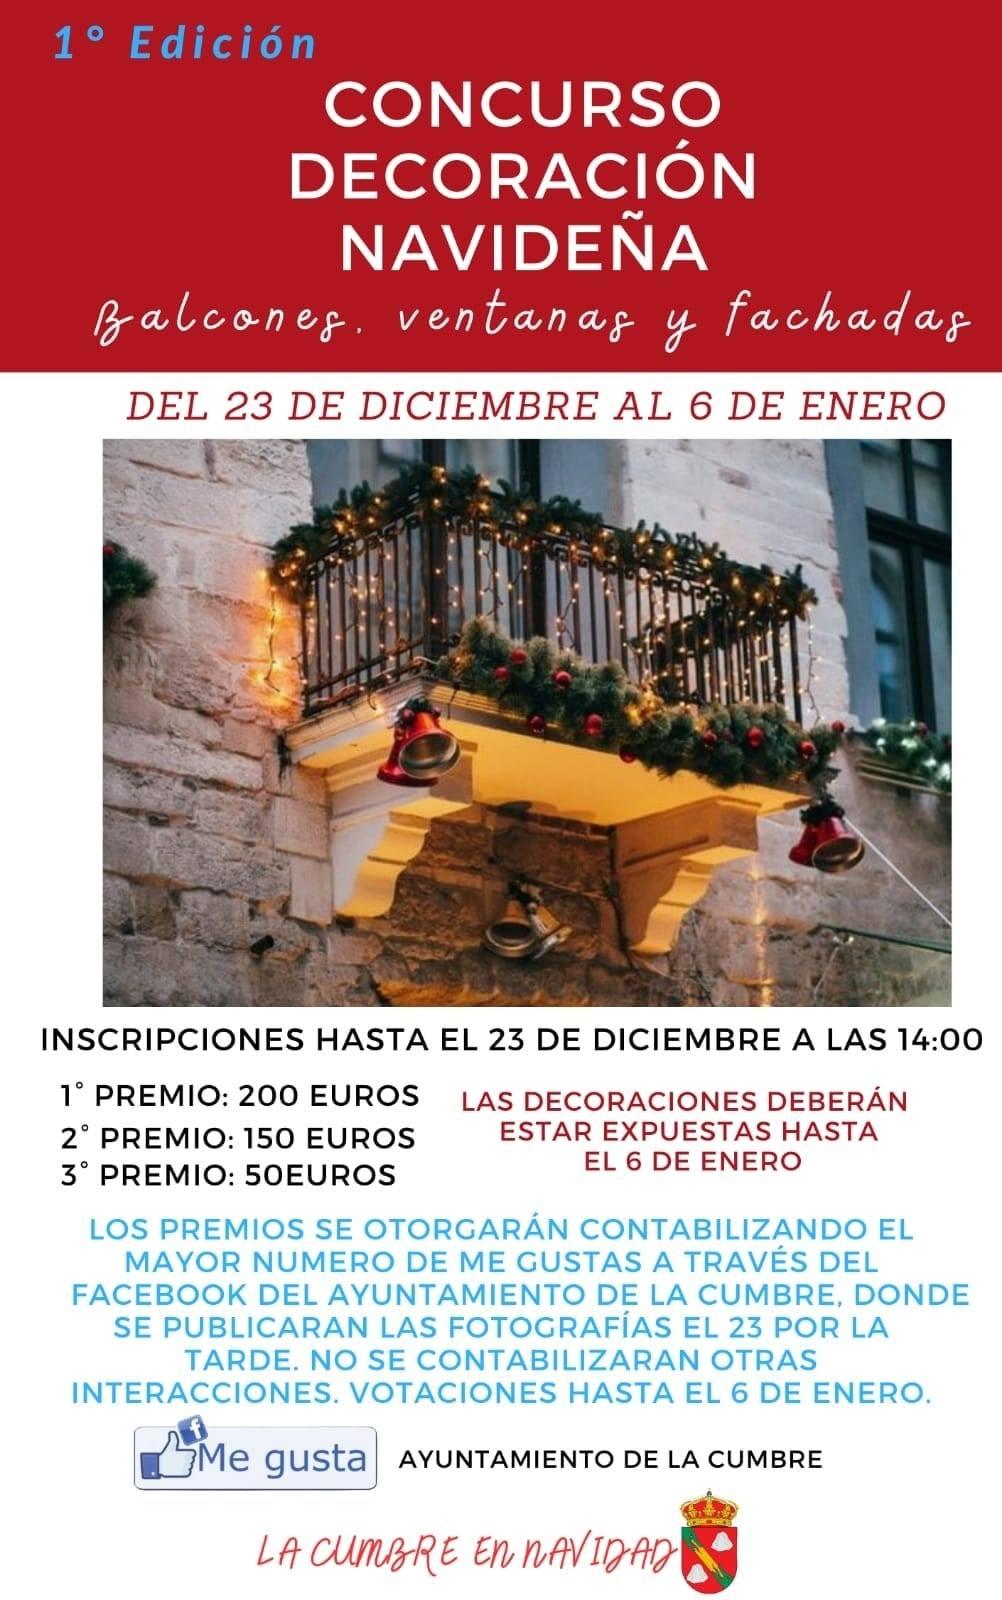 Concurso de decoración navideña (2020-2021) - La Cumbre (Cáceres)